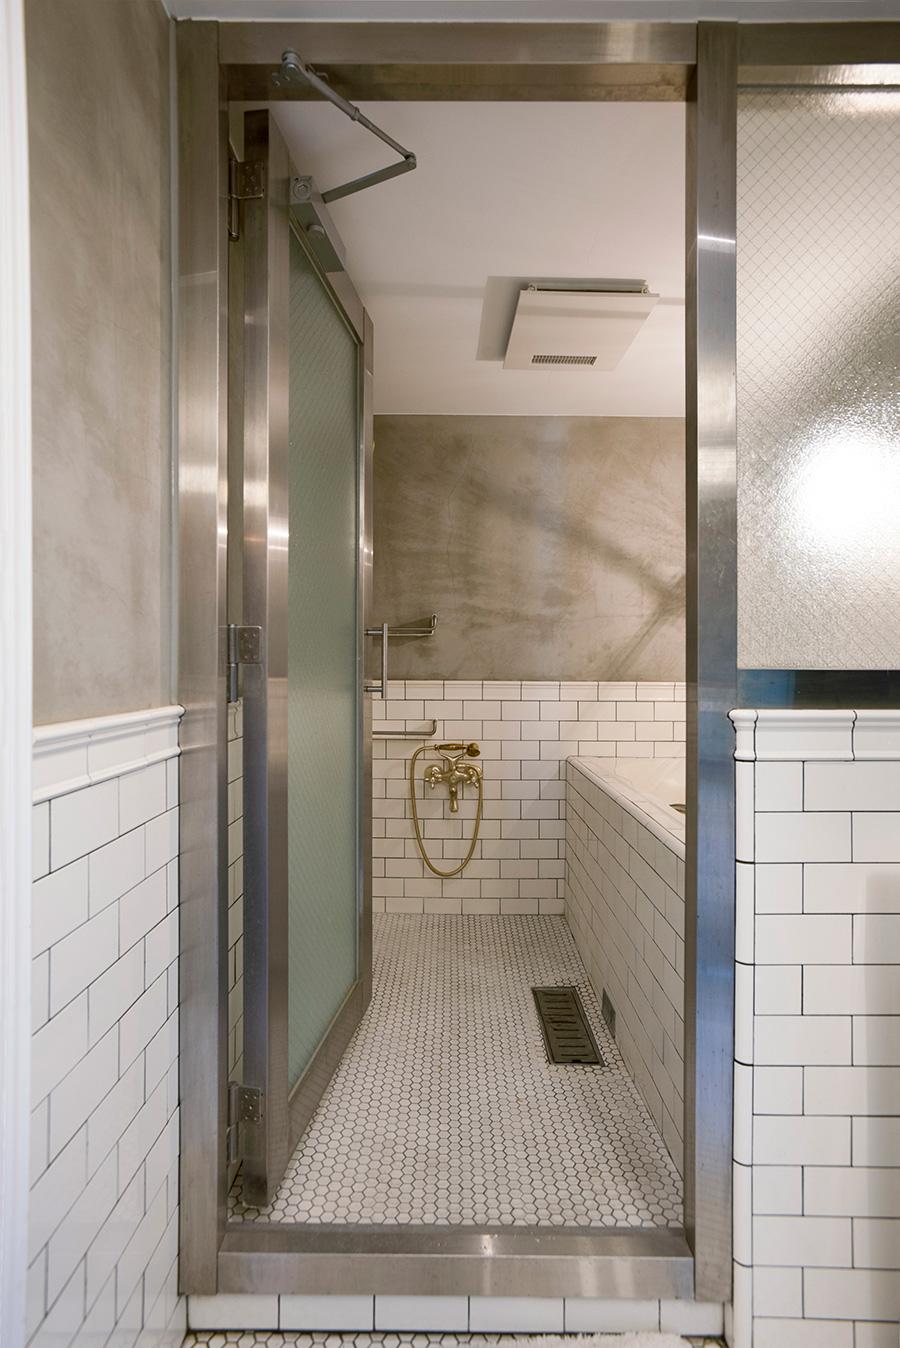 サブウェイタイルとモルタルの組み合わせがかっこいいバスルーム。ステンレスの枠と曇りガラスでドアを発注。